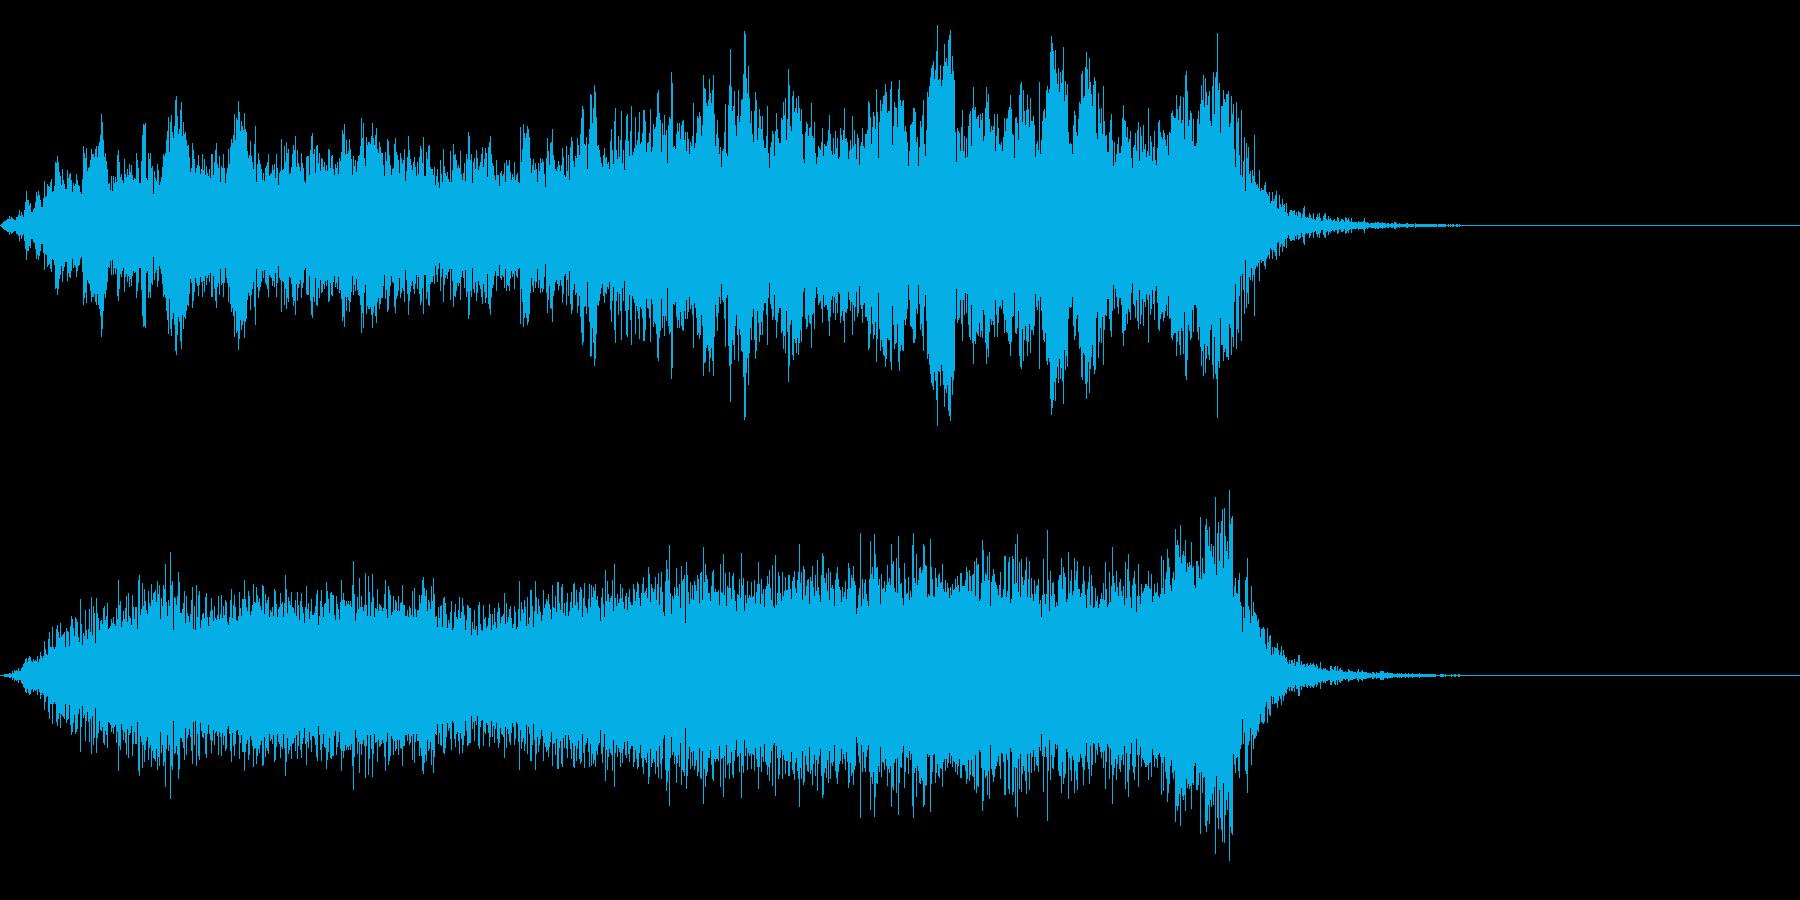 ワープ 宇宙的 未来的な効果音 01bの再生済みの波形